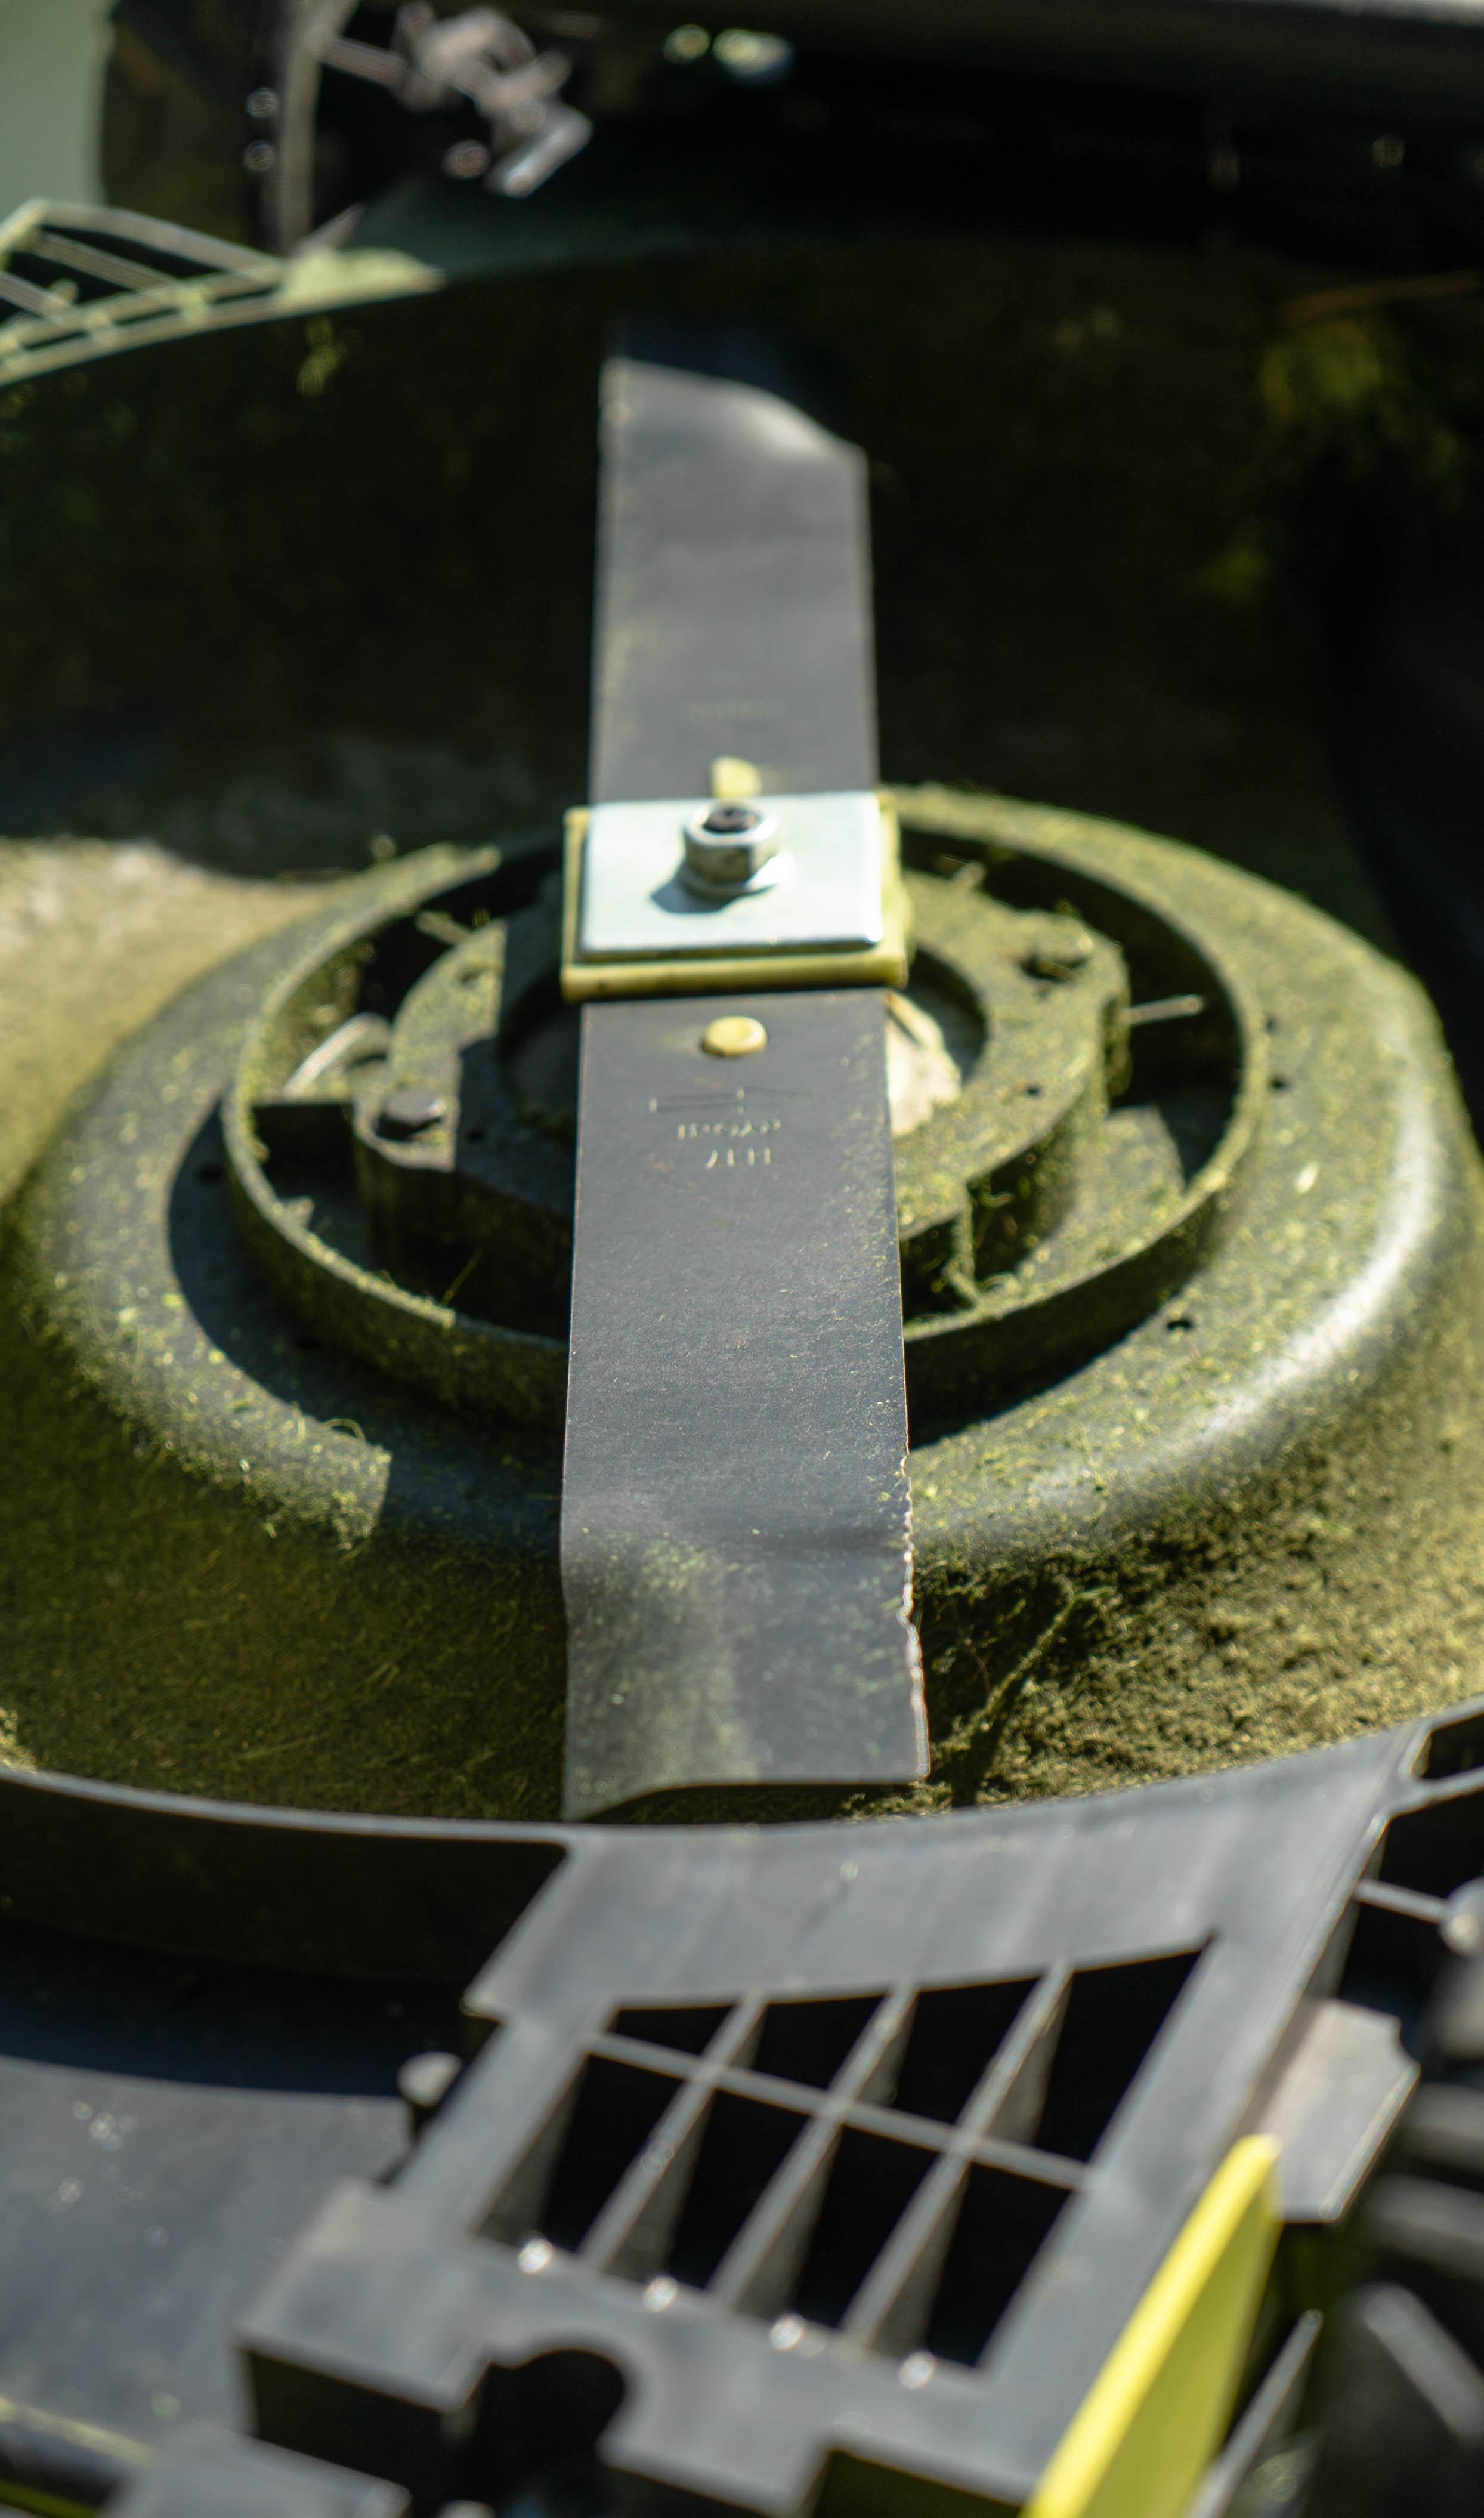 Sharpen your lawn mower blades